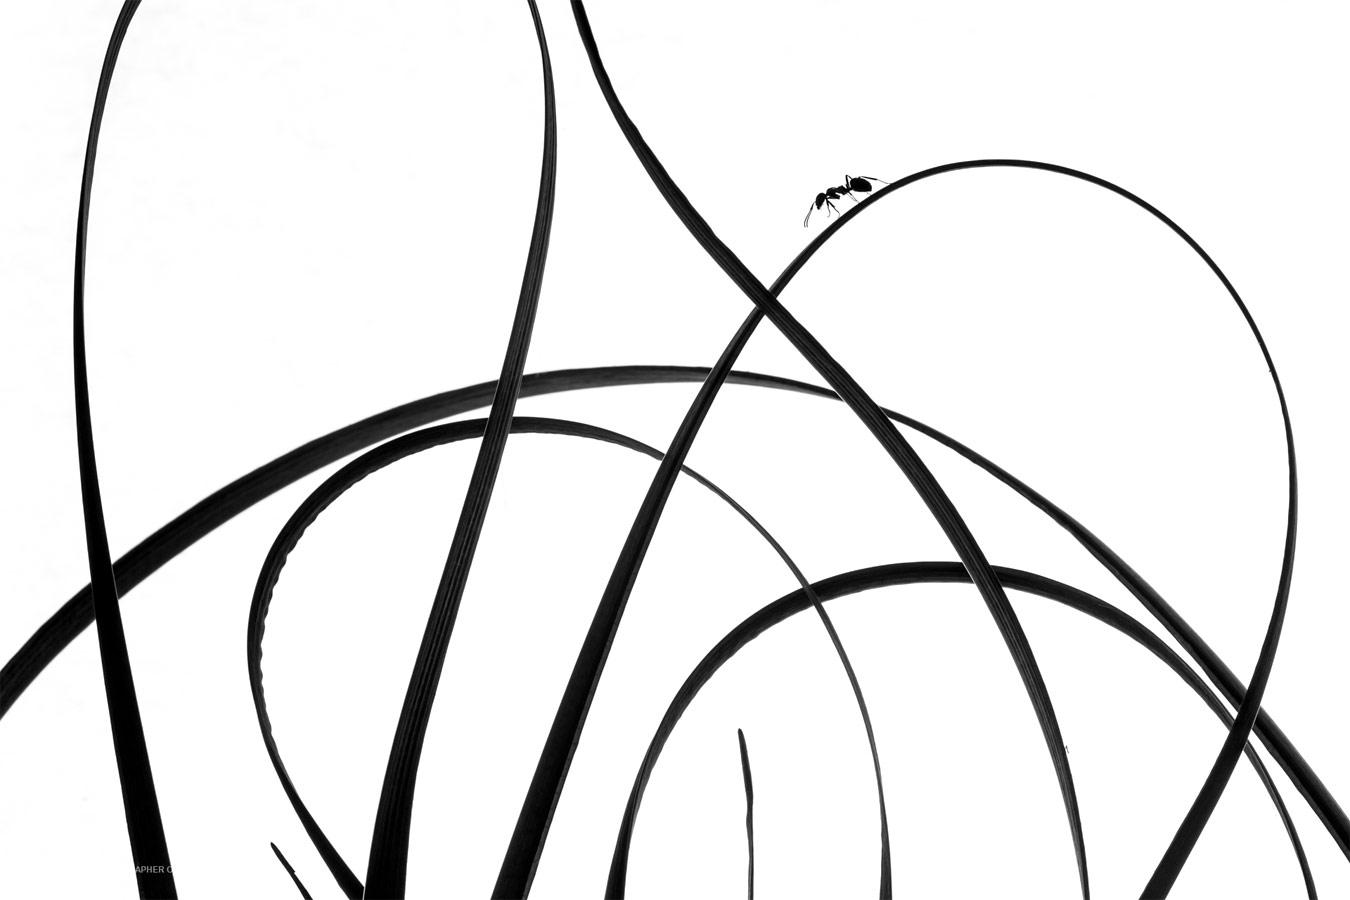 Кривые линии, © Риу Бастейн, Победитель категории «Искусство природы», Фотоконкурс «Природный фотограф года»